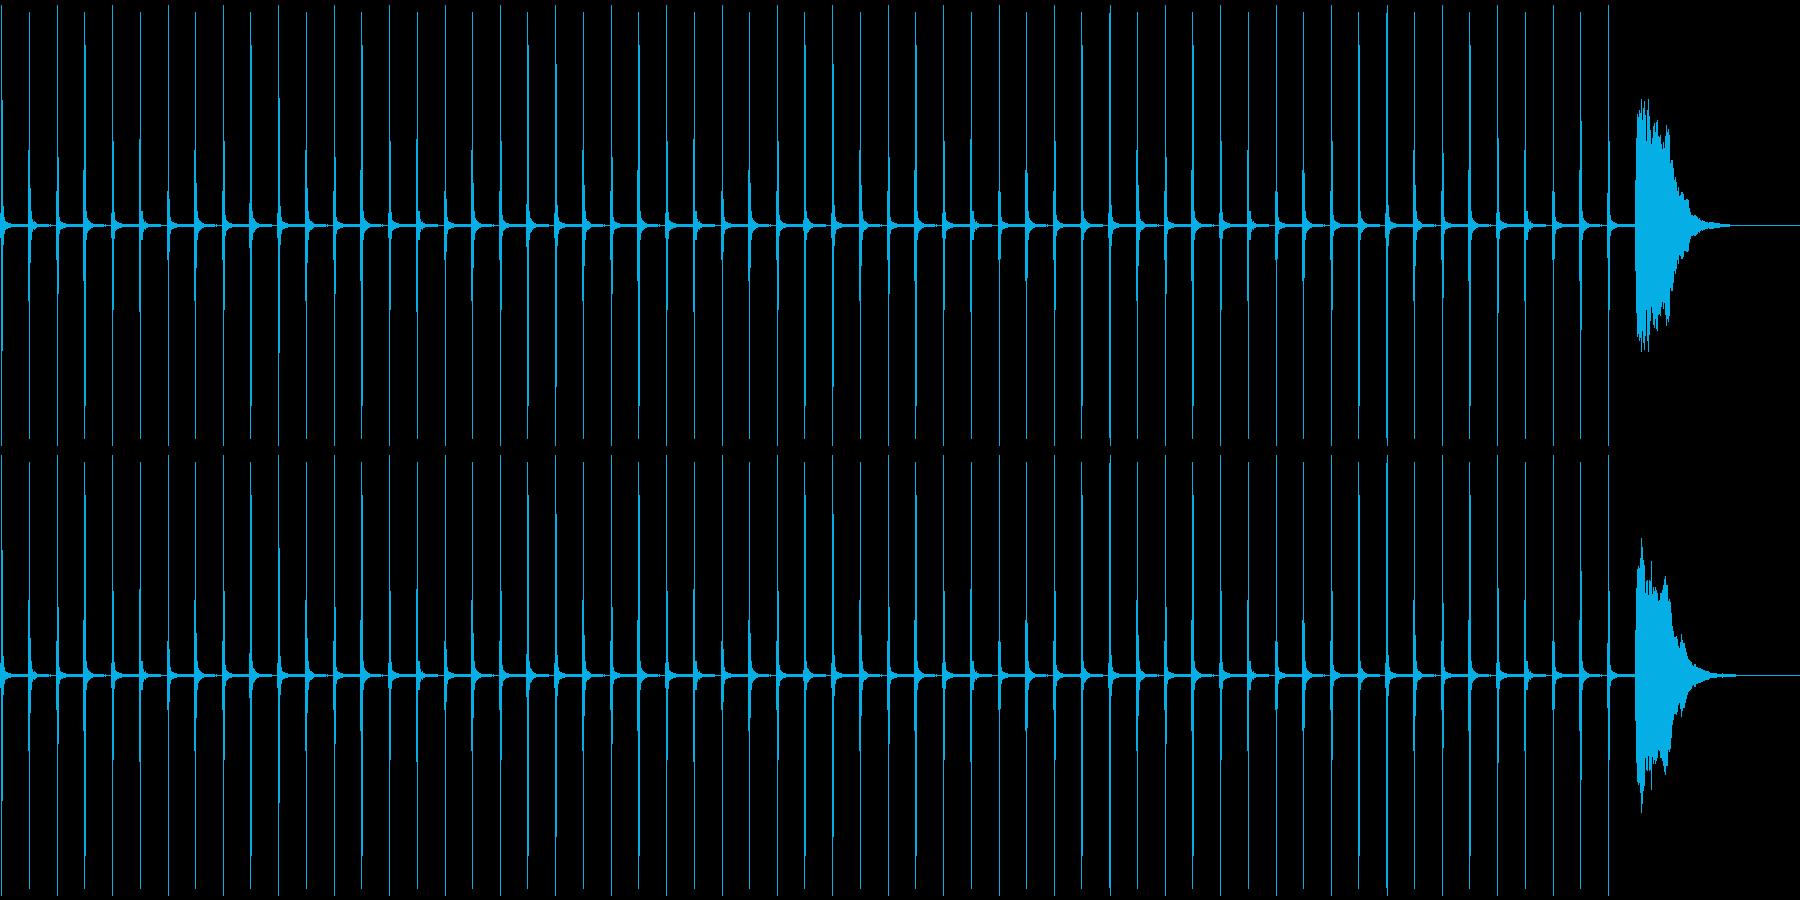 1分カウント2 (シンキングタイム用)の再生済みの波形